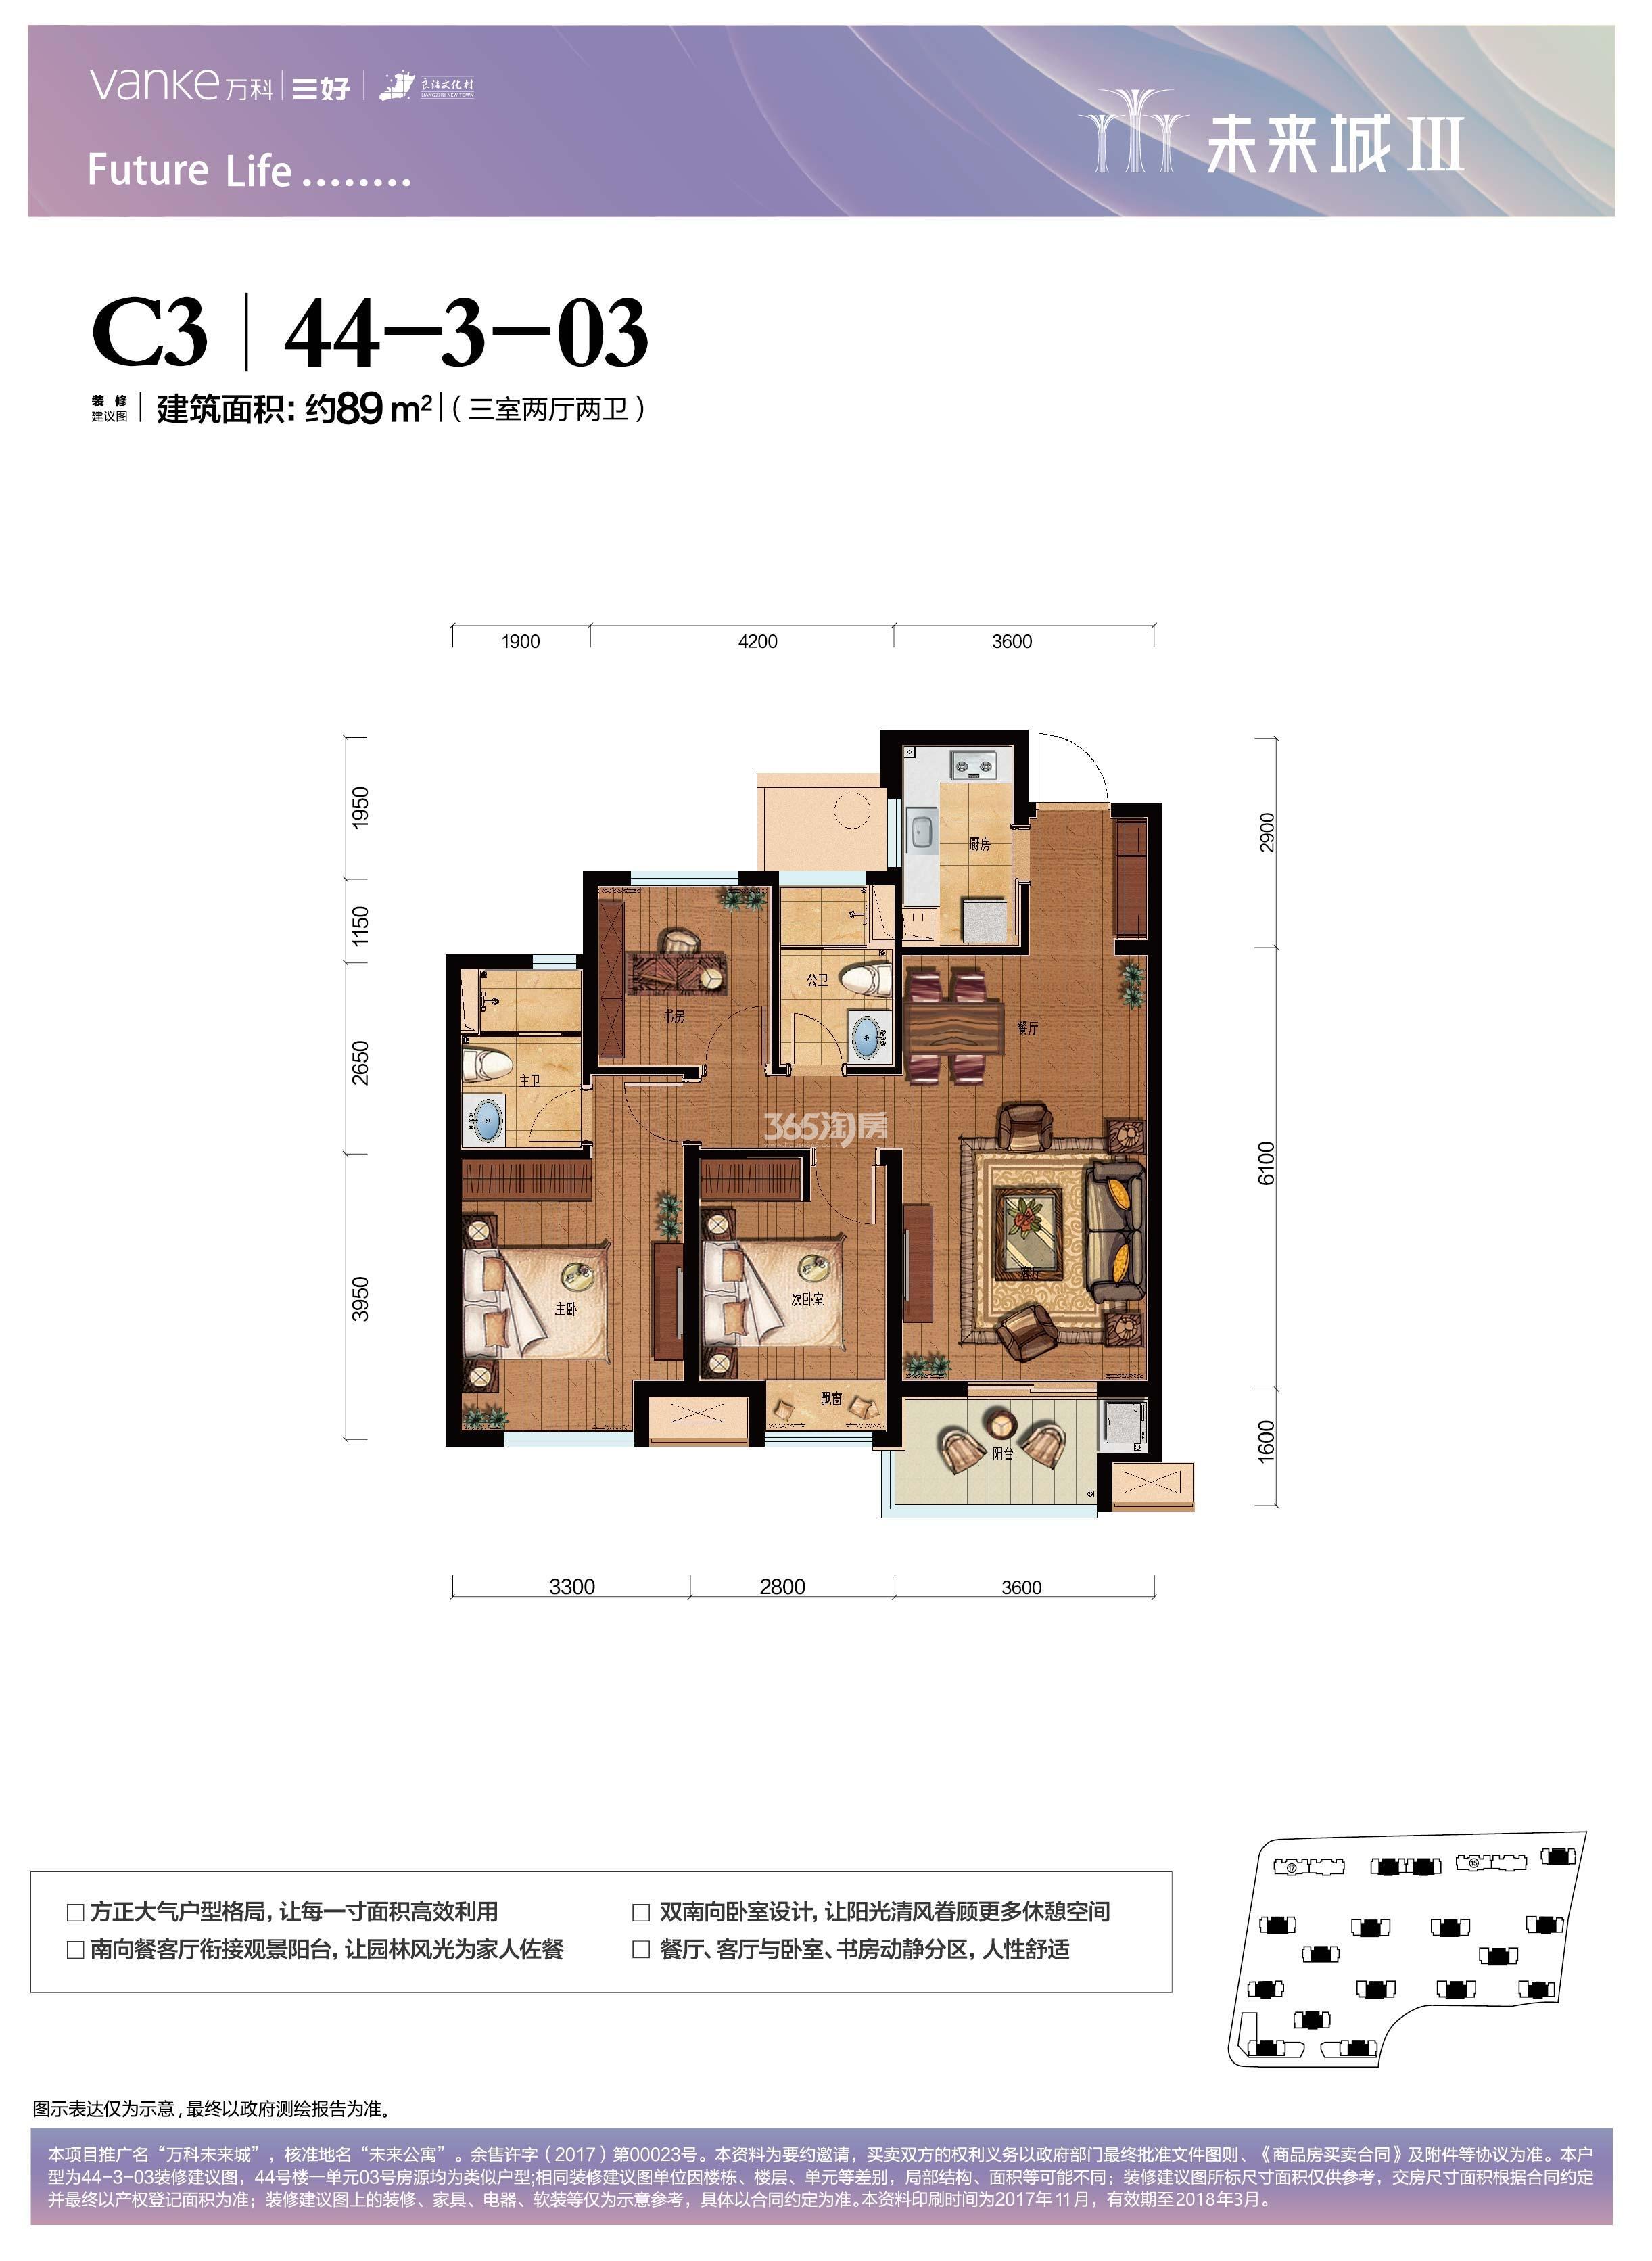 万科未来城梦溪里43-56、58号楼中间套C3户型 约89㎡